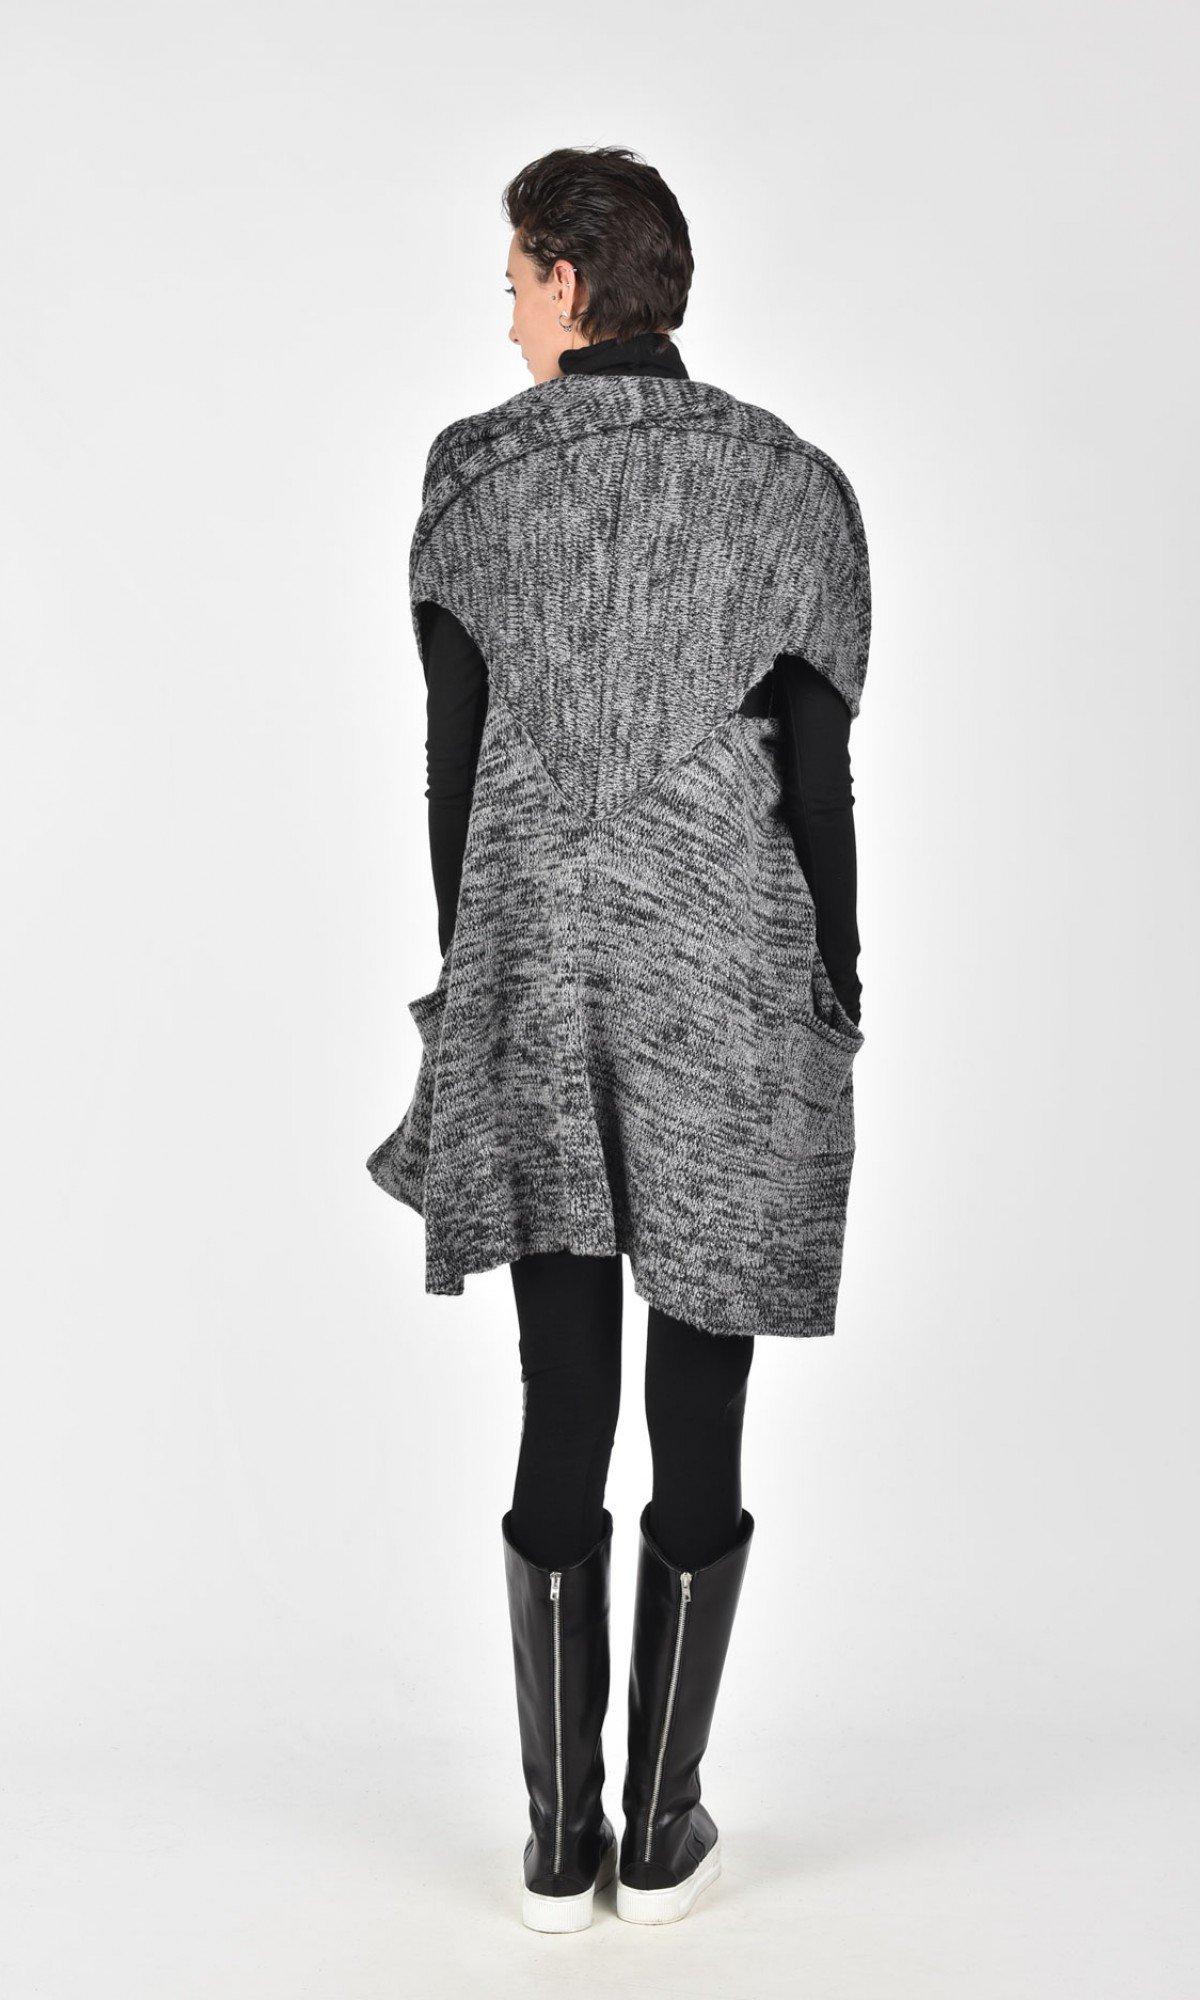 Black Sleeveless Fully Knit Vest A06224